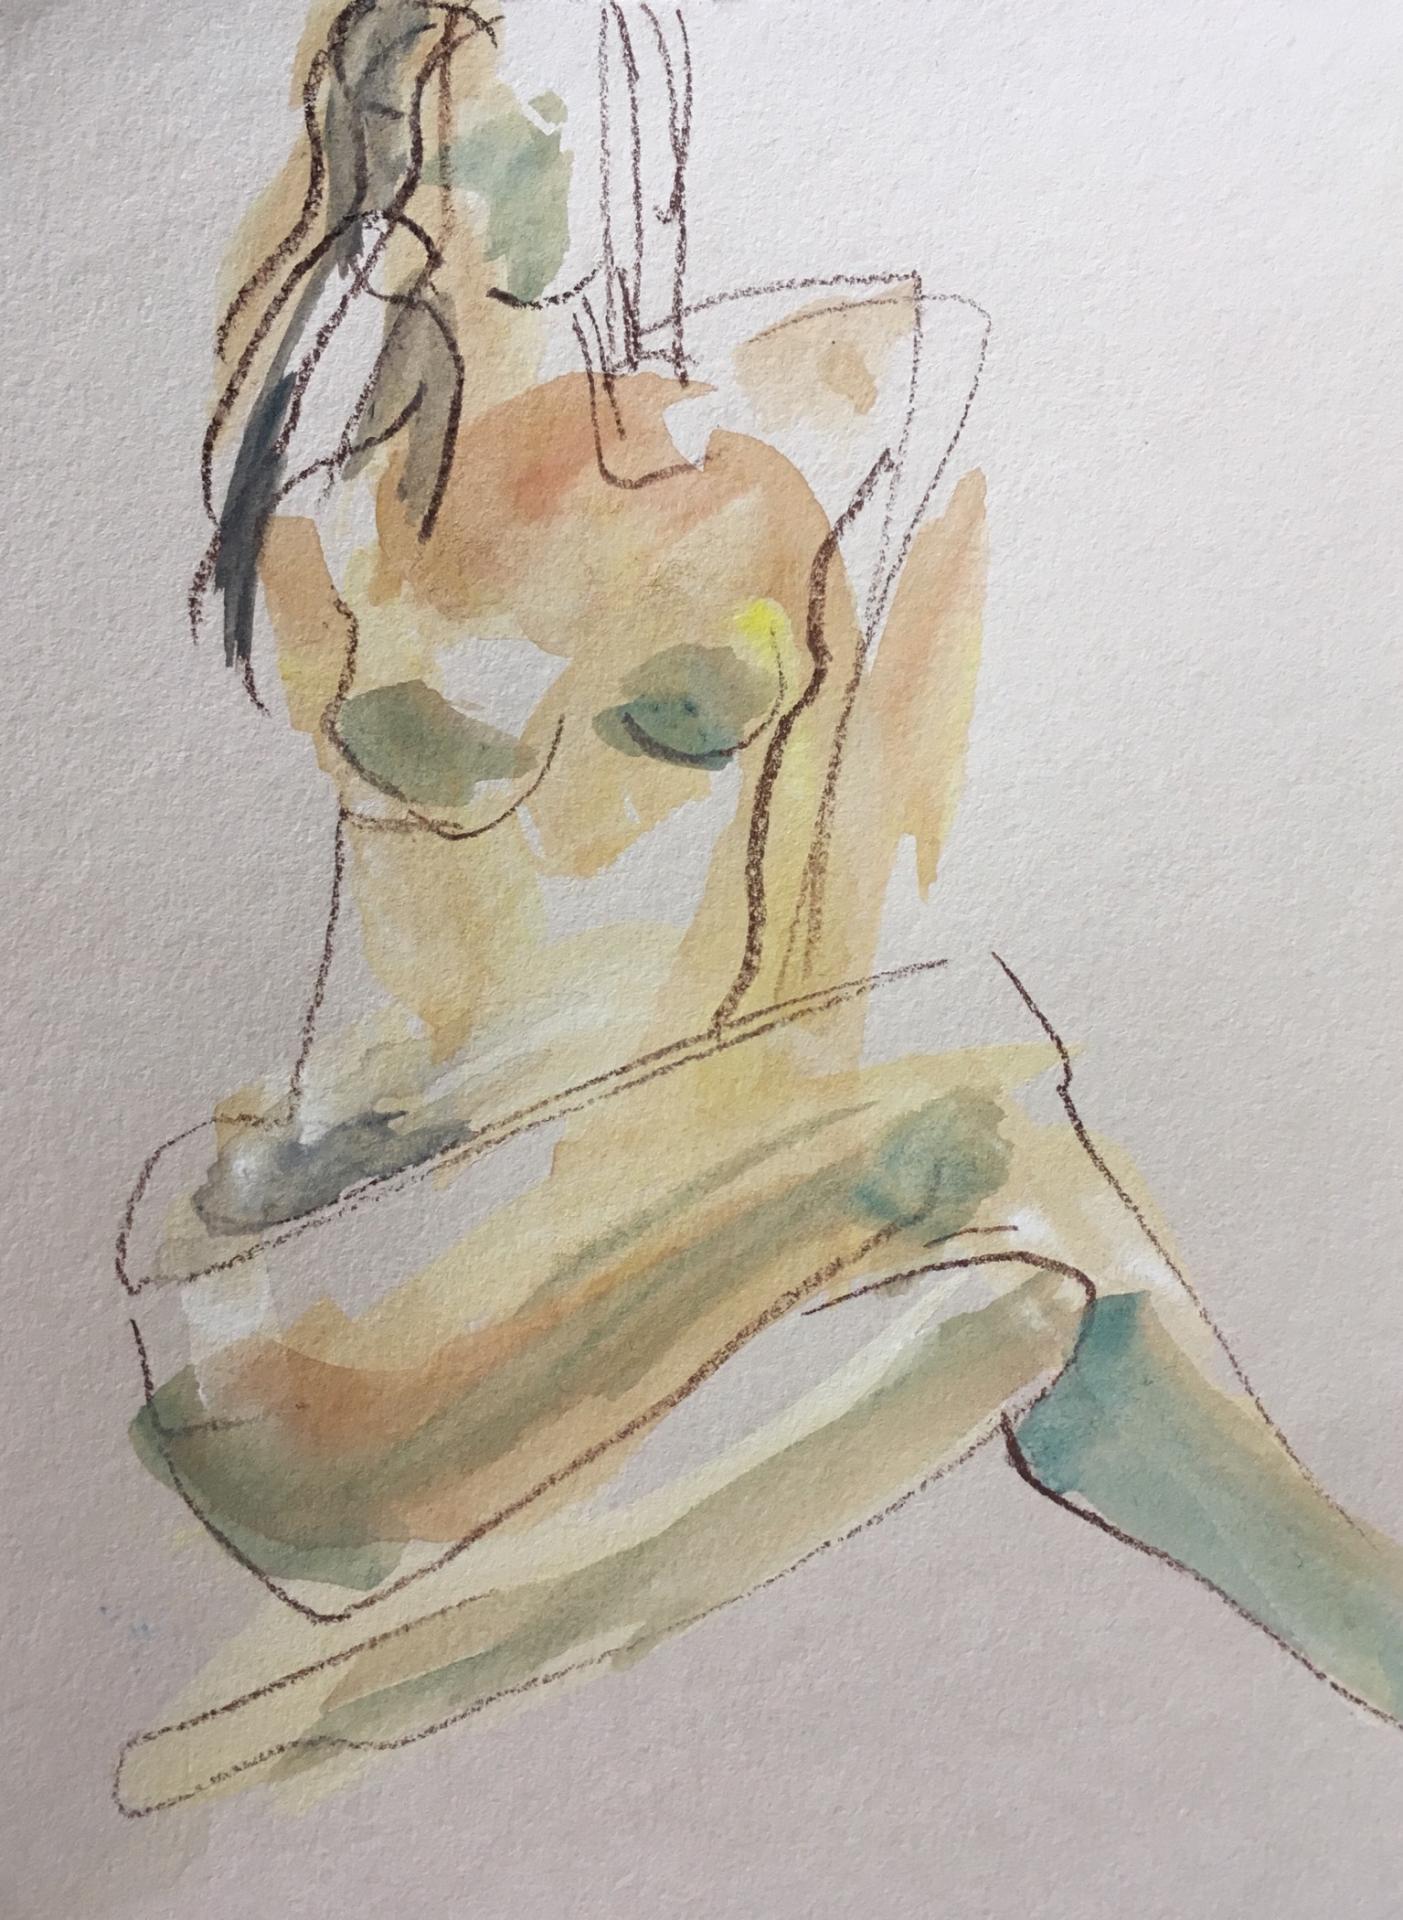 Marjorie 1